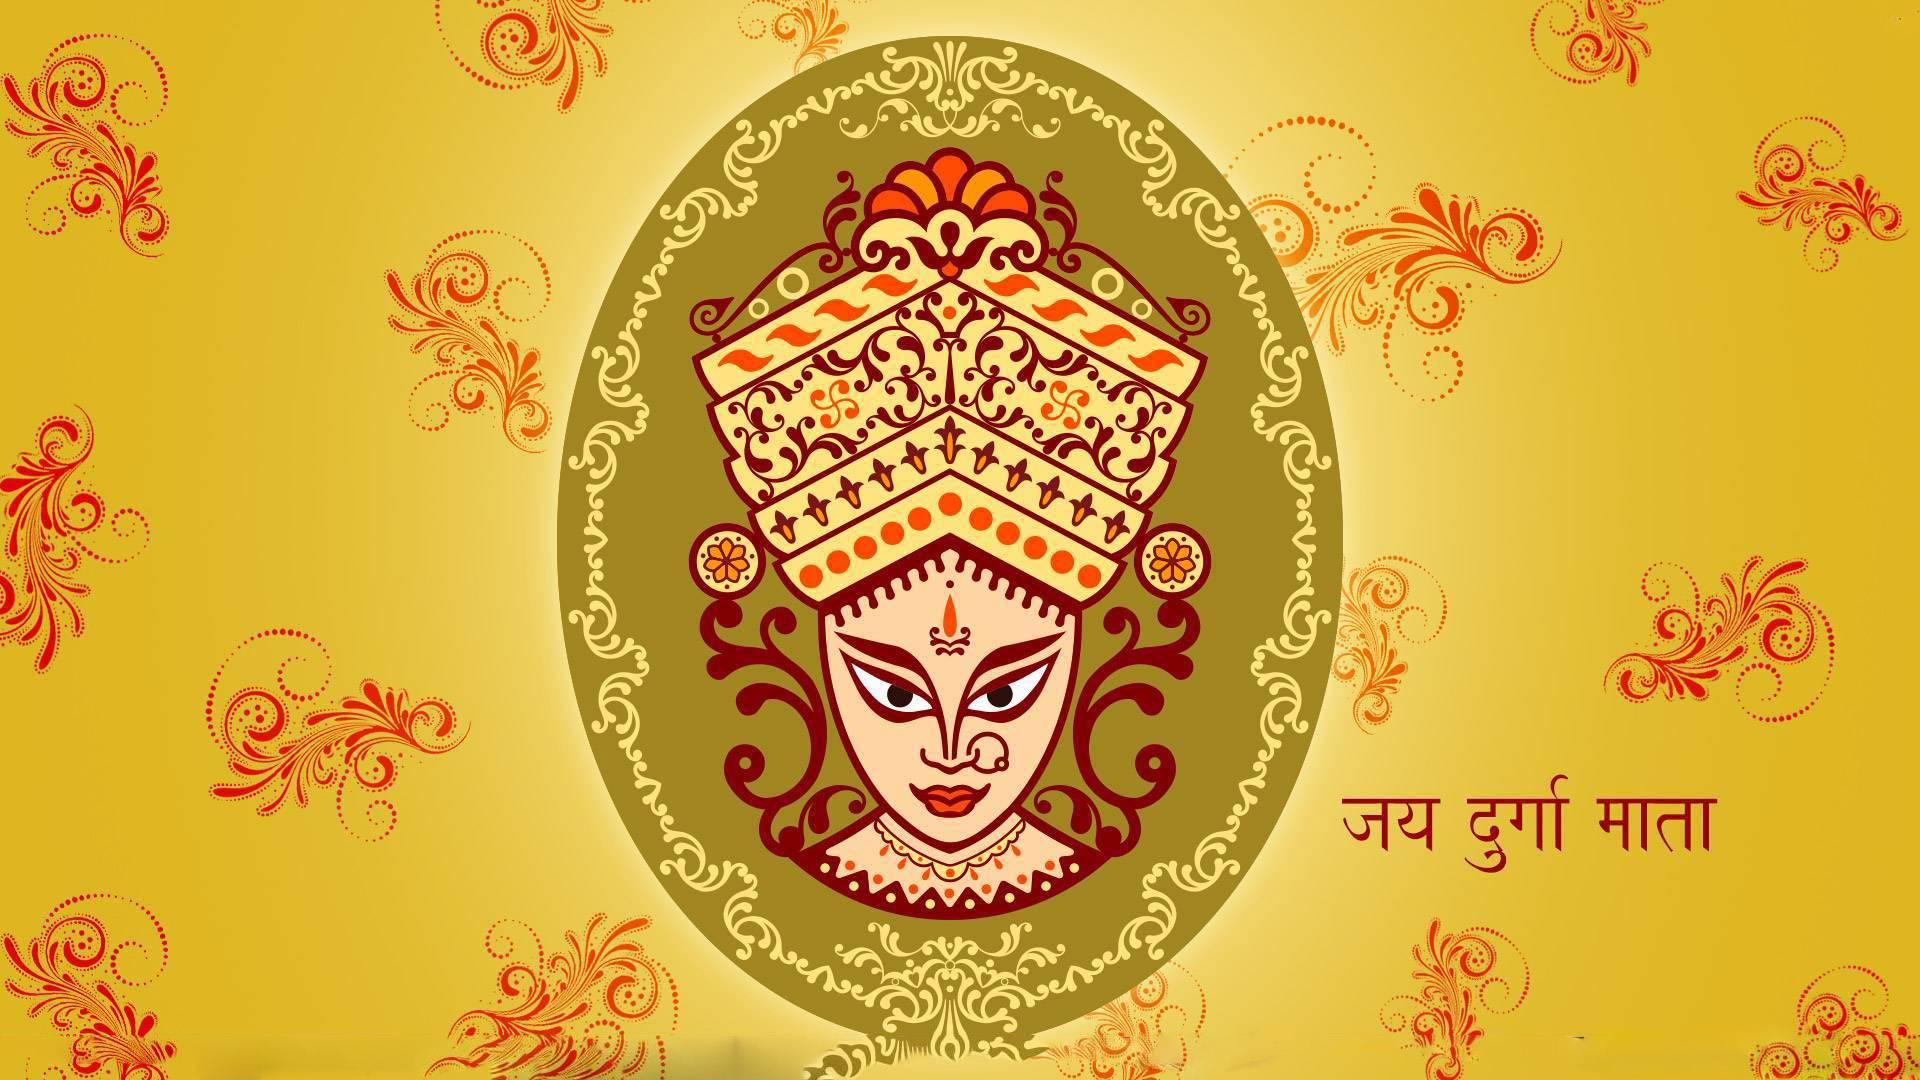 3d Hd Maa Durga Wallpaper